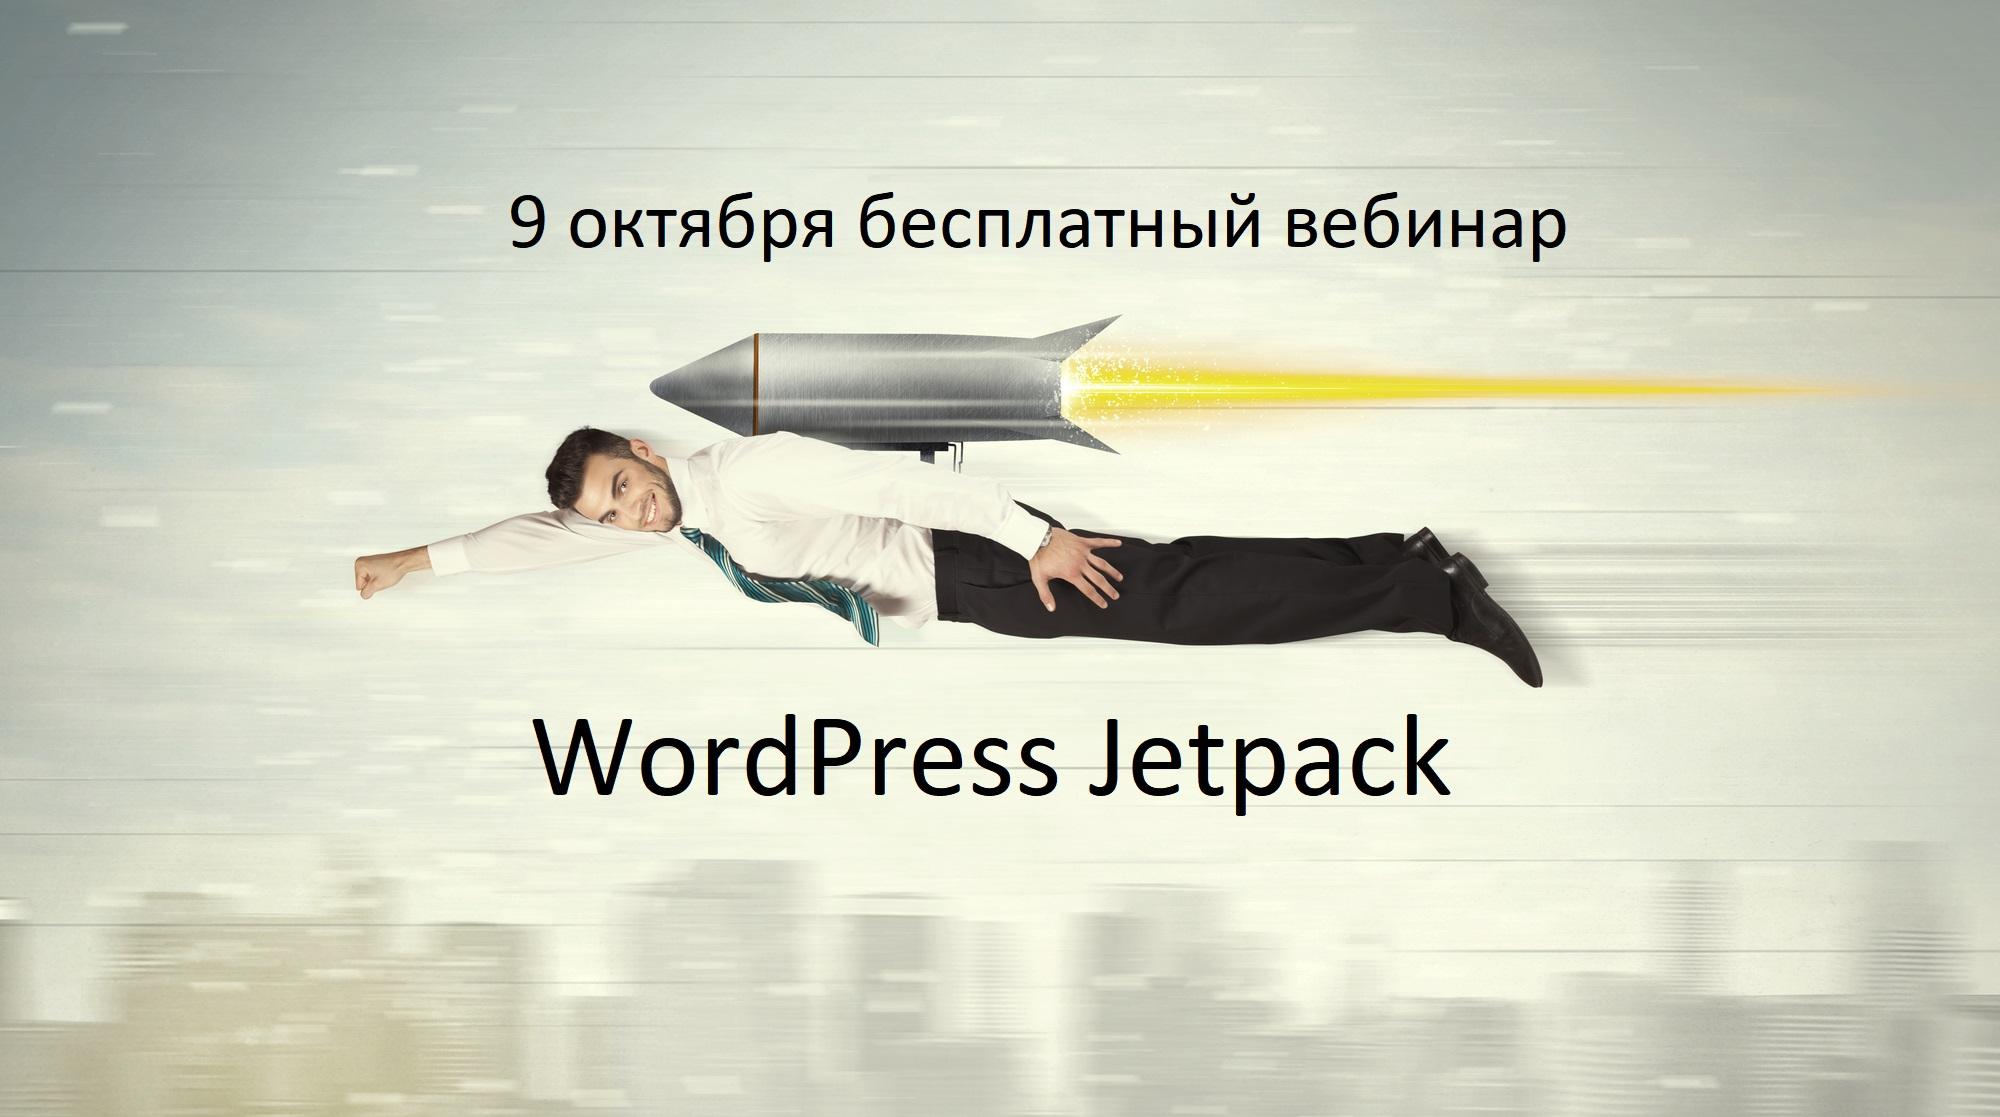 Jetpack — удобное средство управления сайтами WP